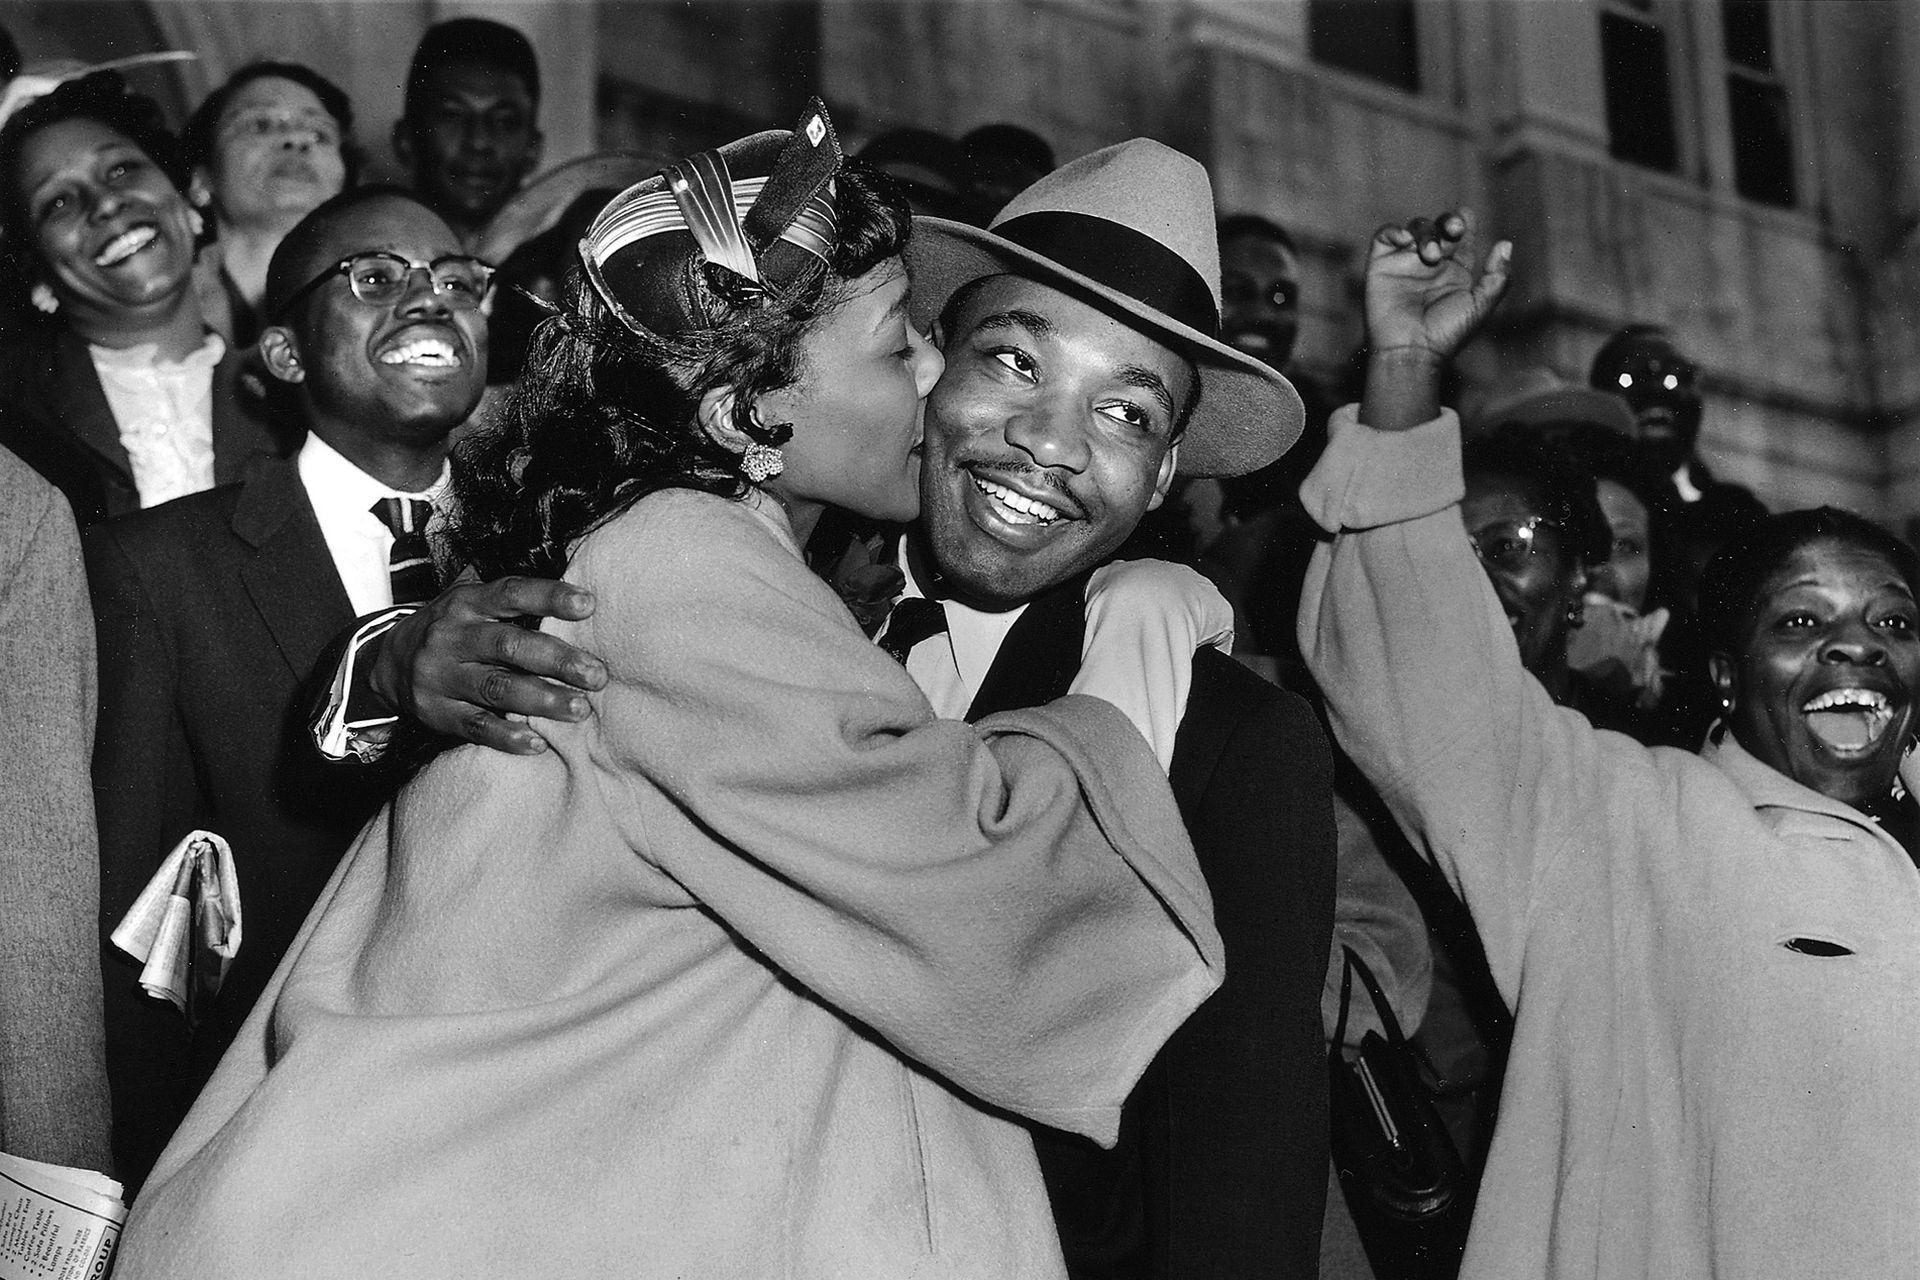 Martin Luther King es recibido con un beso por su esposa Coretta después de dejar la corte en Montgomery